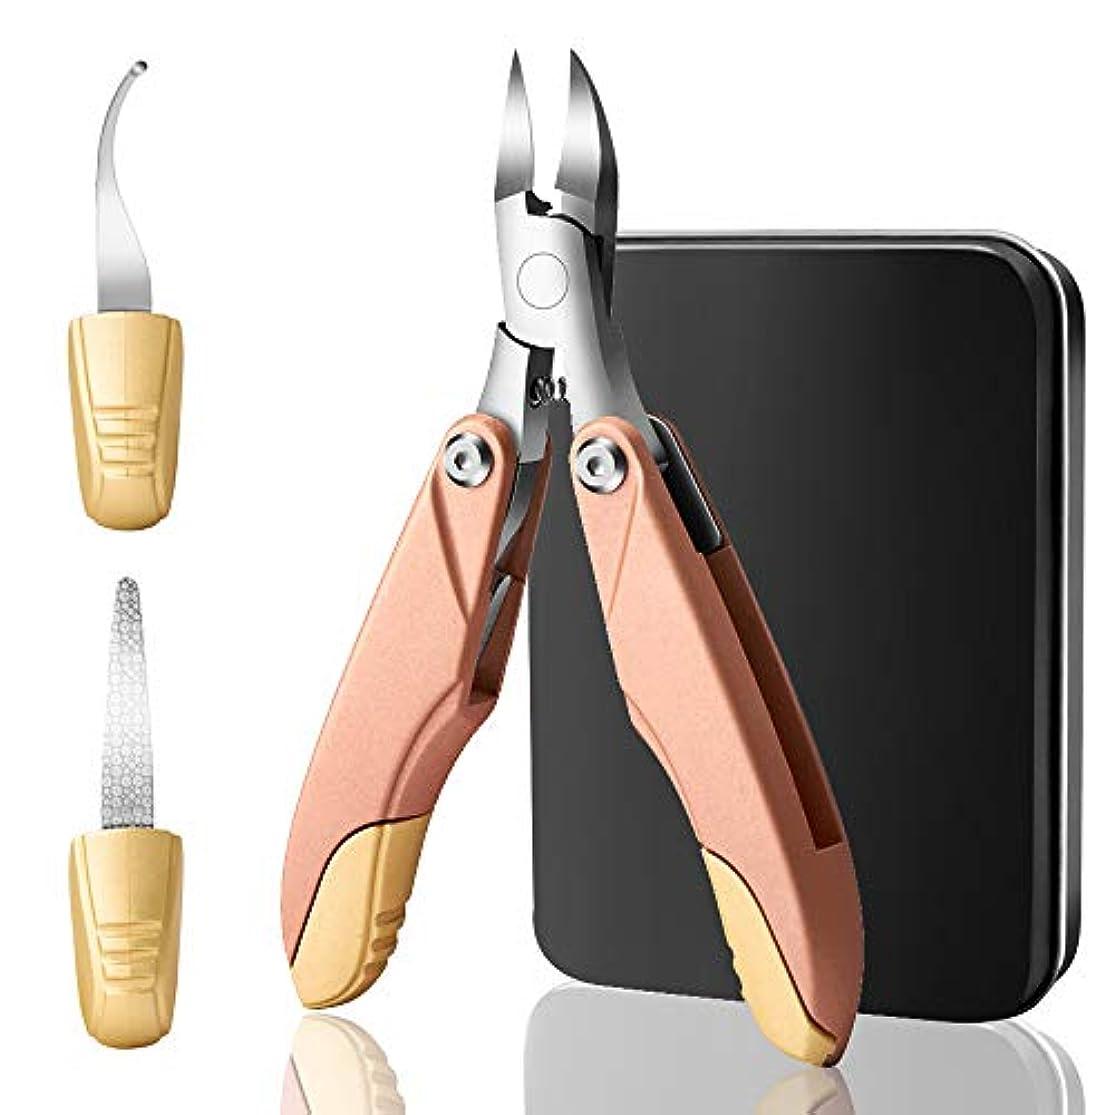 ムスタチオ偉業適格YunTech 爪切り3in1 ニッパー爪切り ステンレス製 折り畳み式 巻き爪 硬い爪などにも対応 ゾンデ/爪やすり付き 手足兼用 収納ケース付き (ローズゴールド)